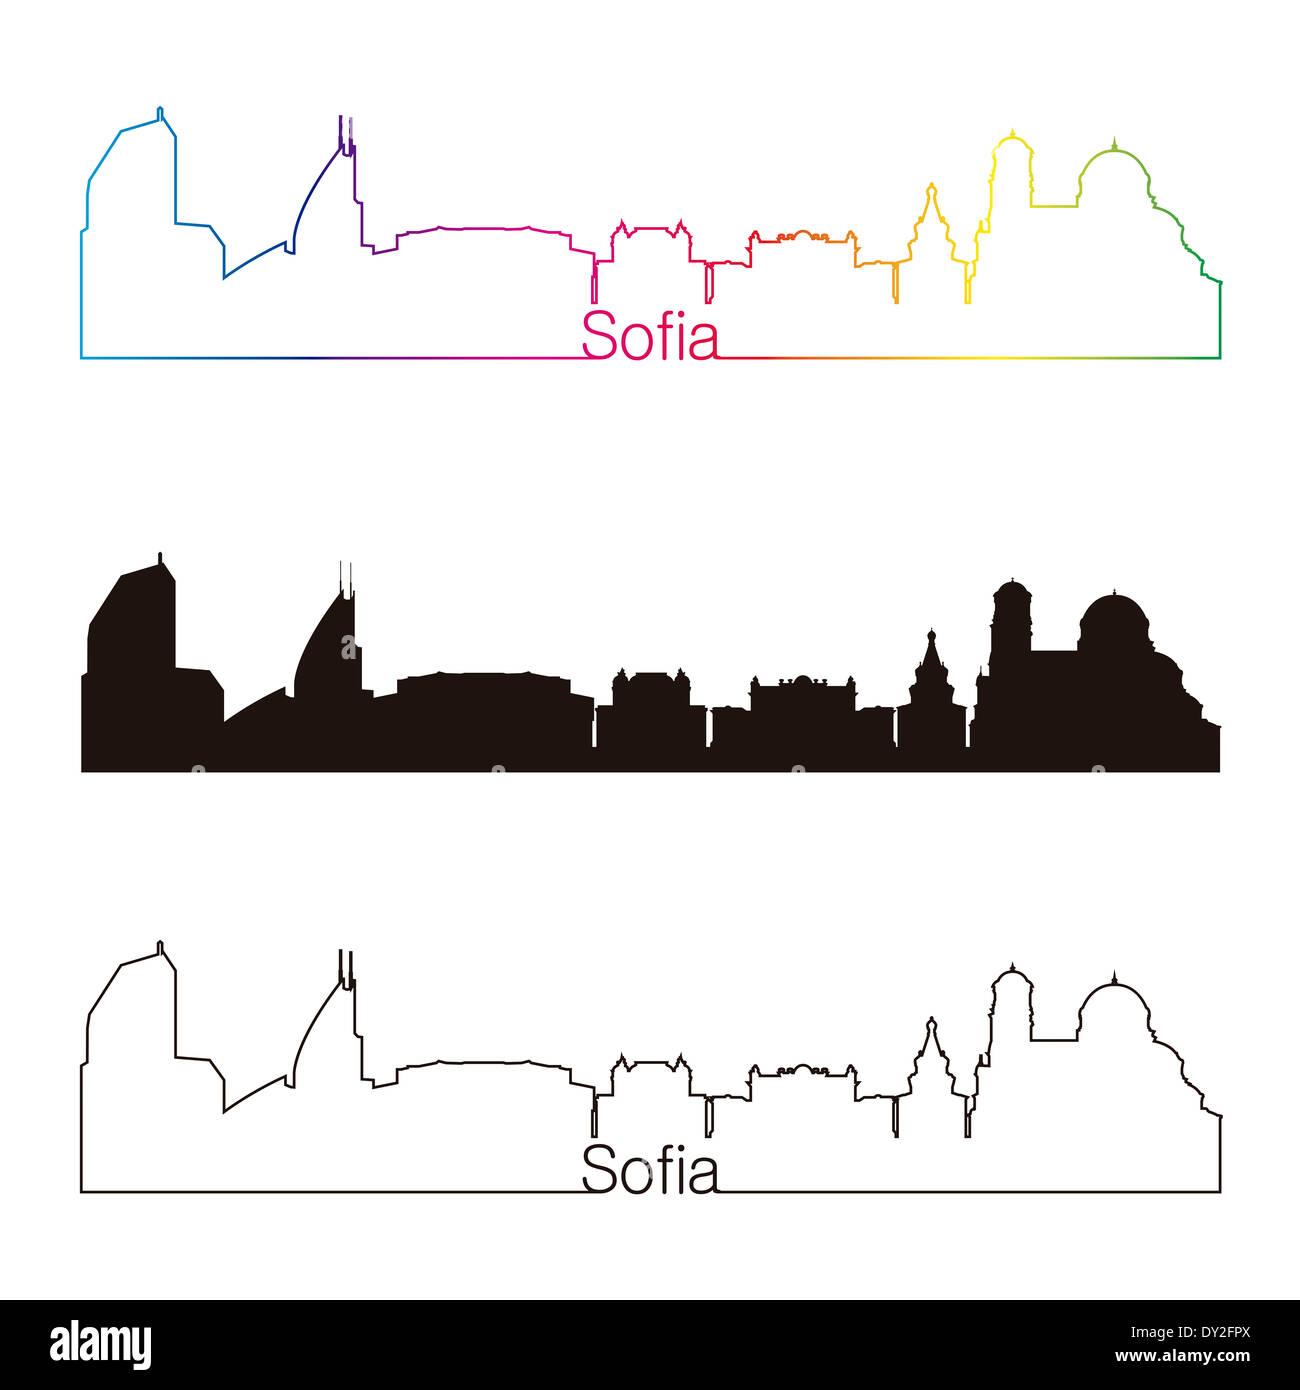 Sofia skyline linear style with rainbow Stock Photo